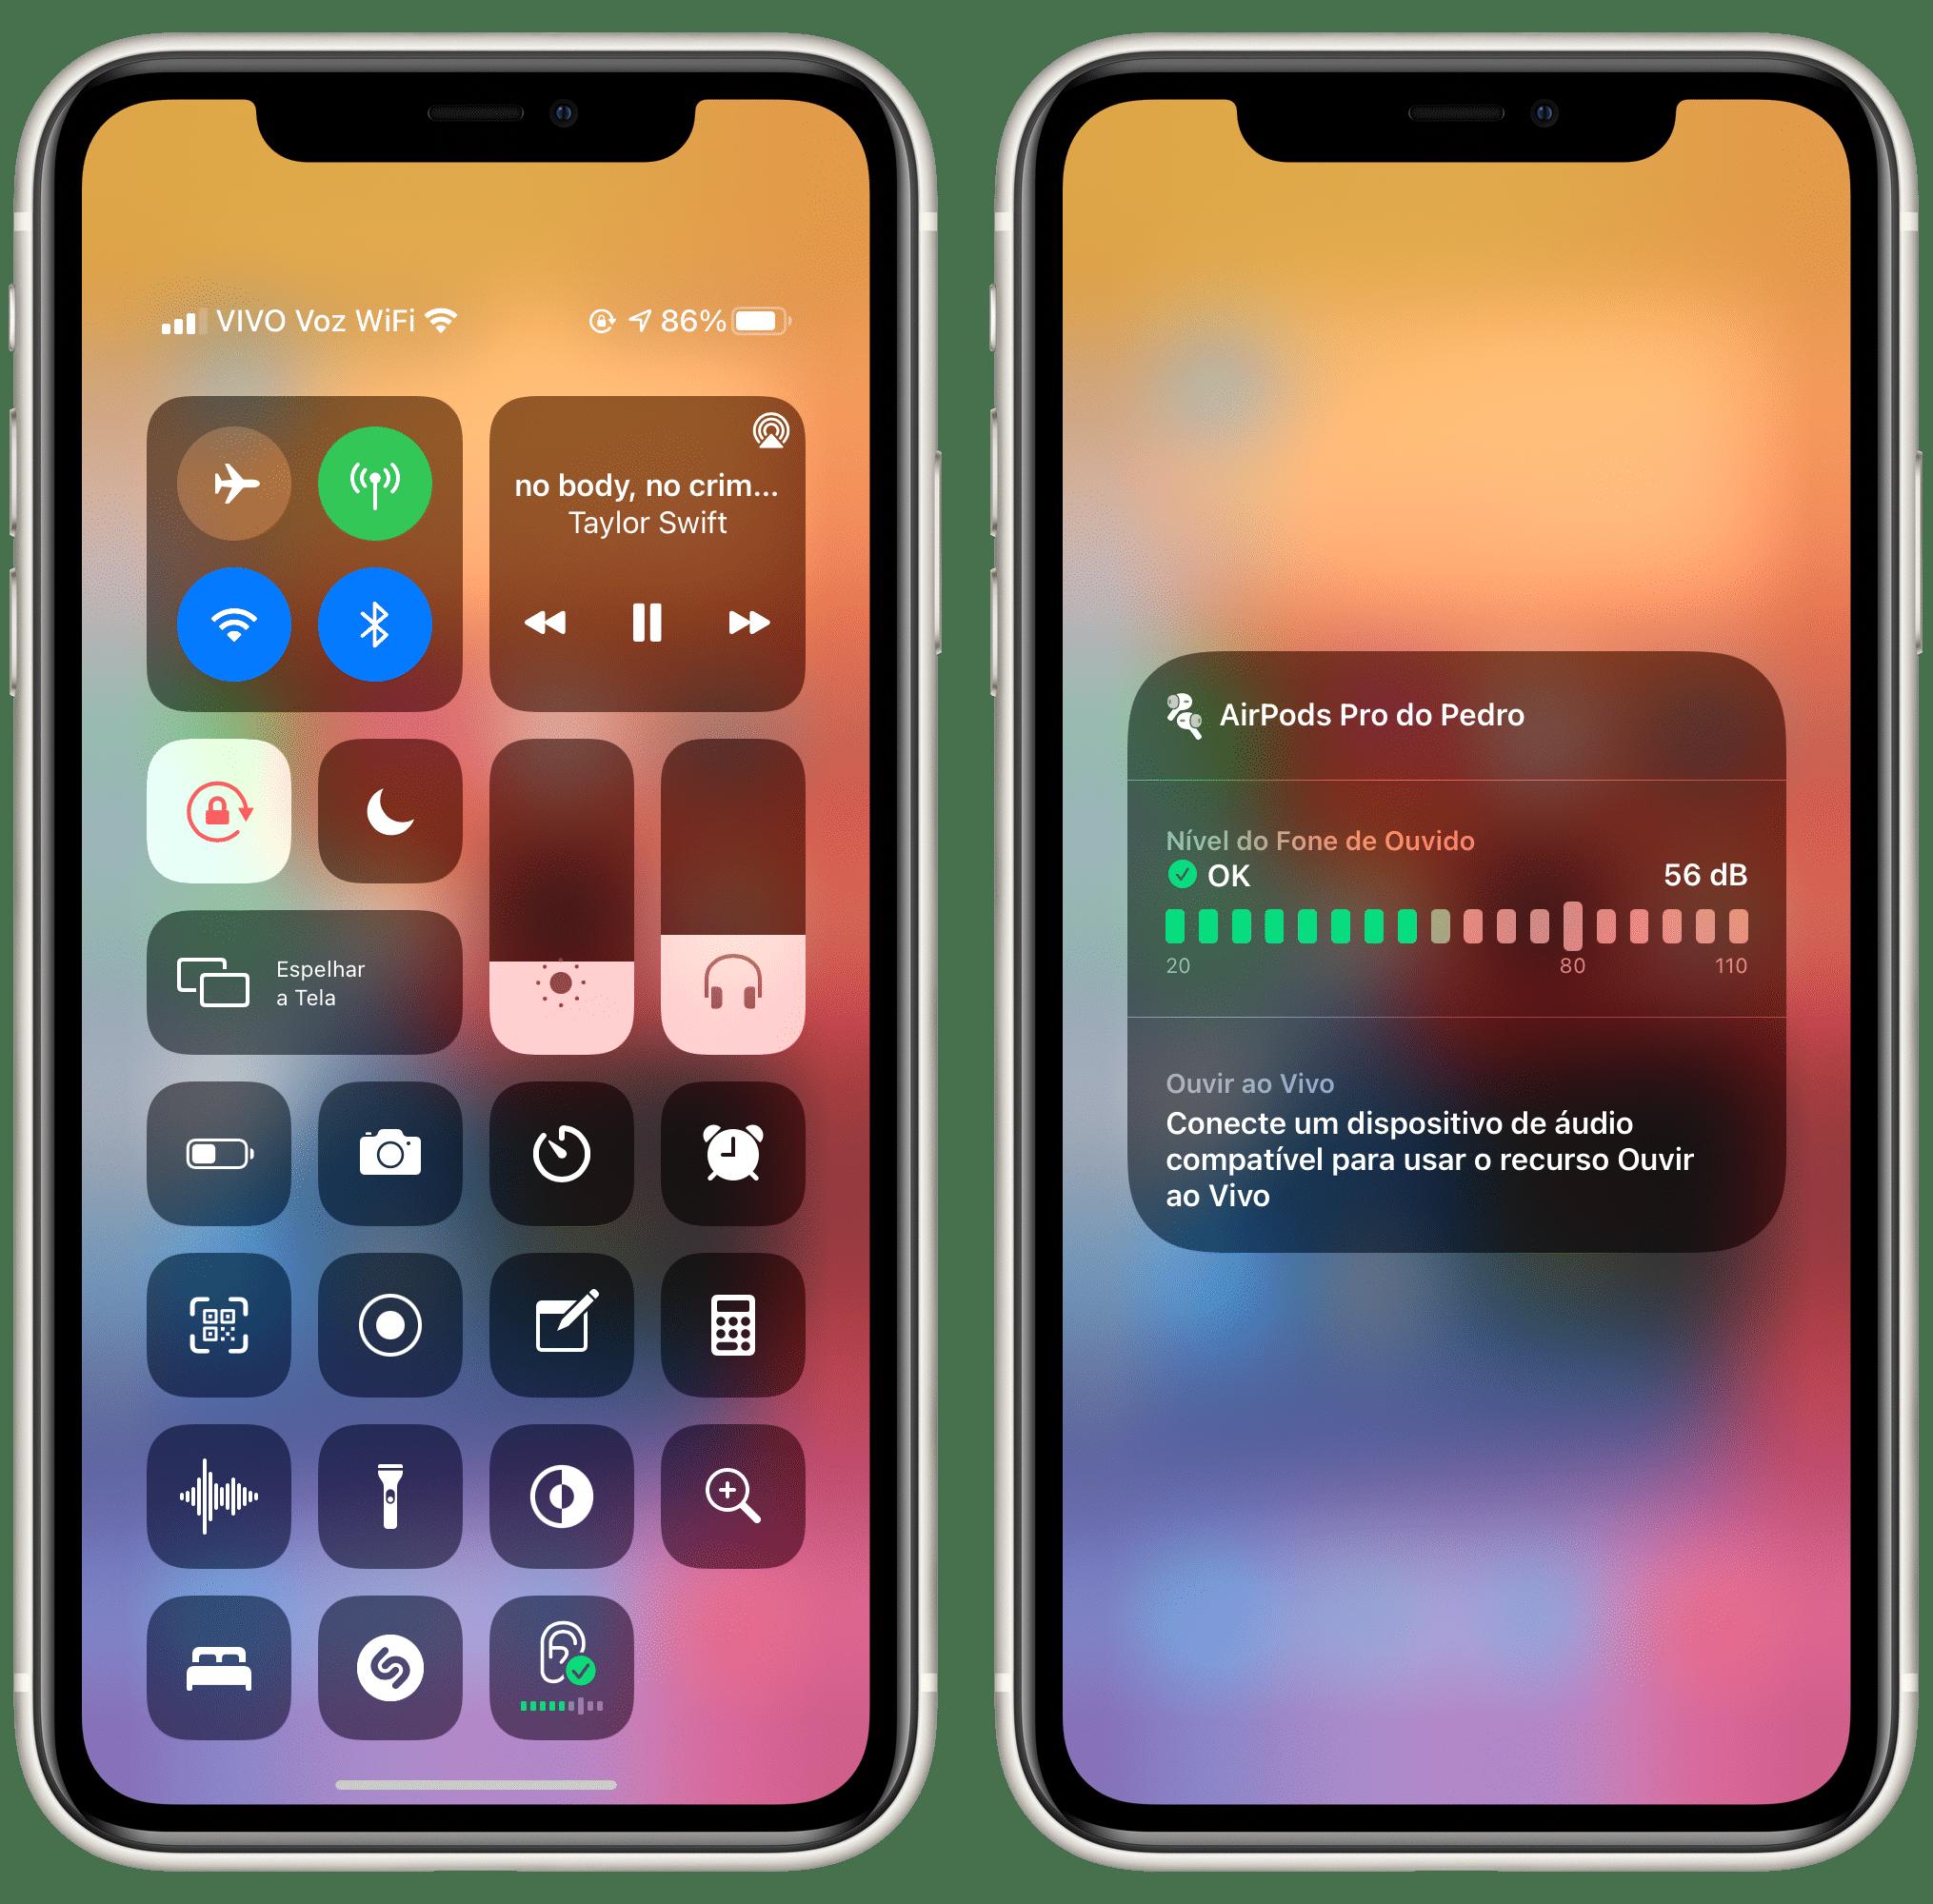 Nível de som ambiente no iOS 14